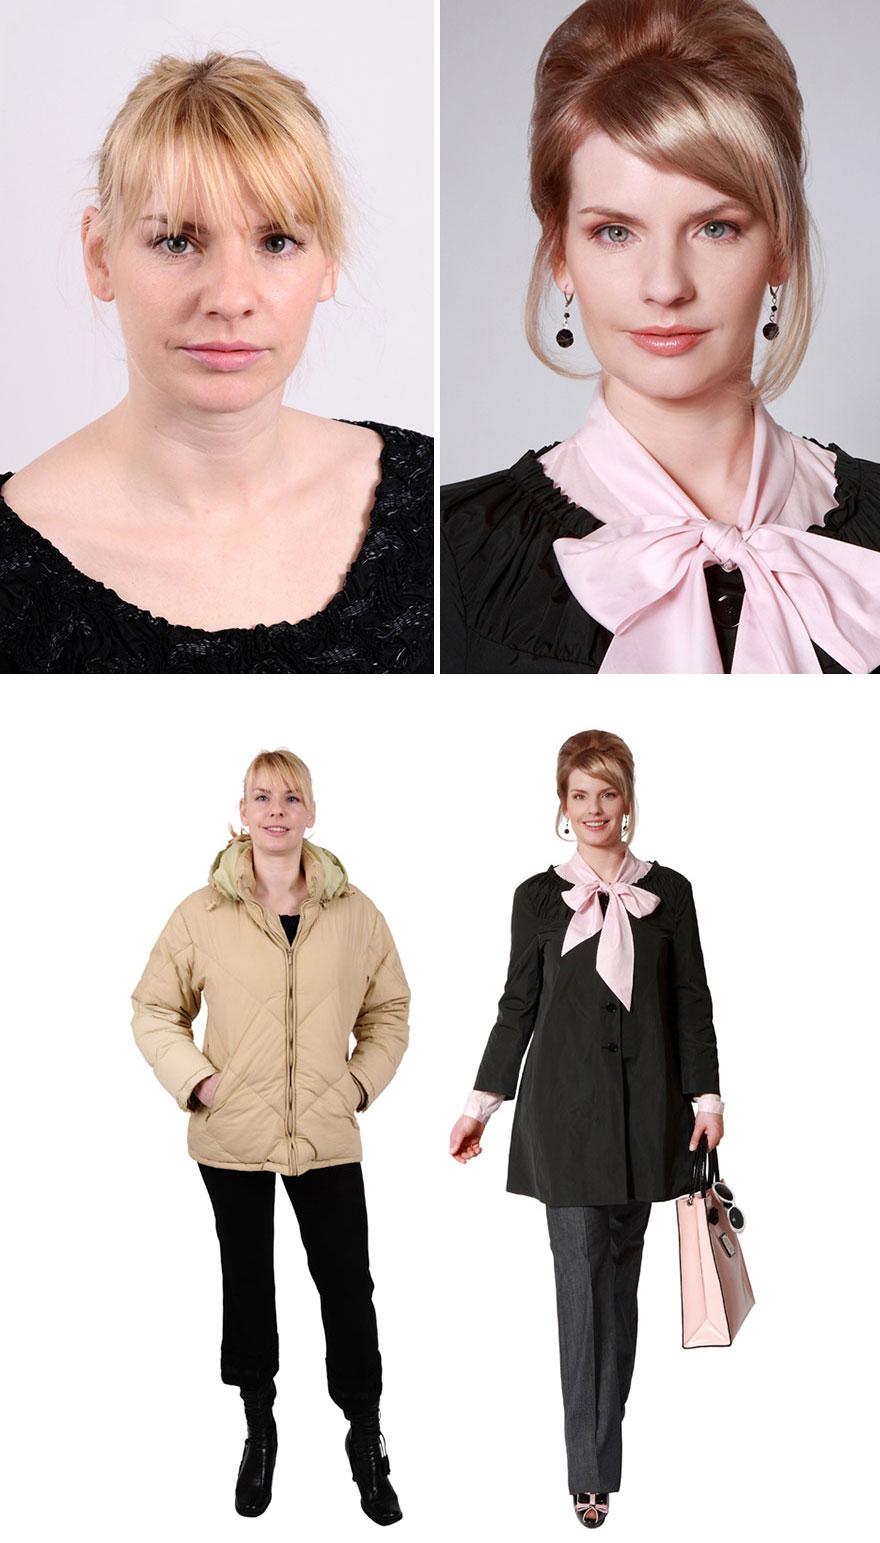 fotos-antes-despues-mujeres-cambio-estilo-bogomolov-12